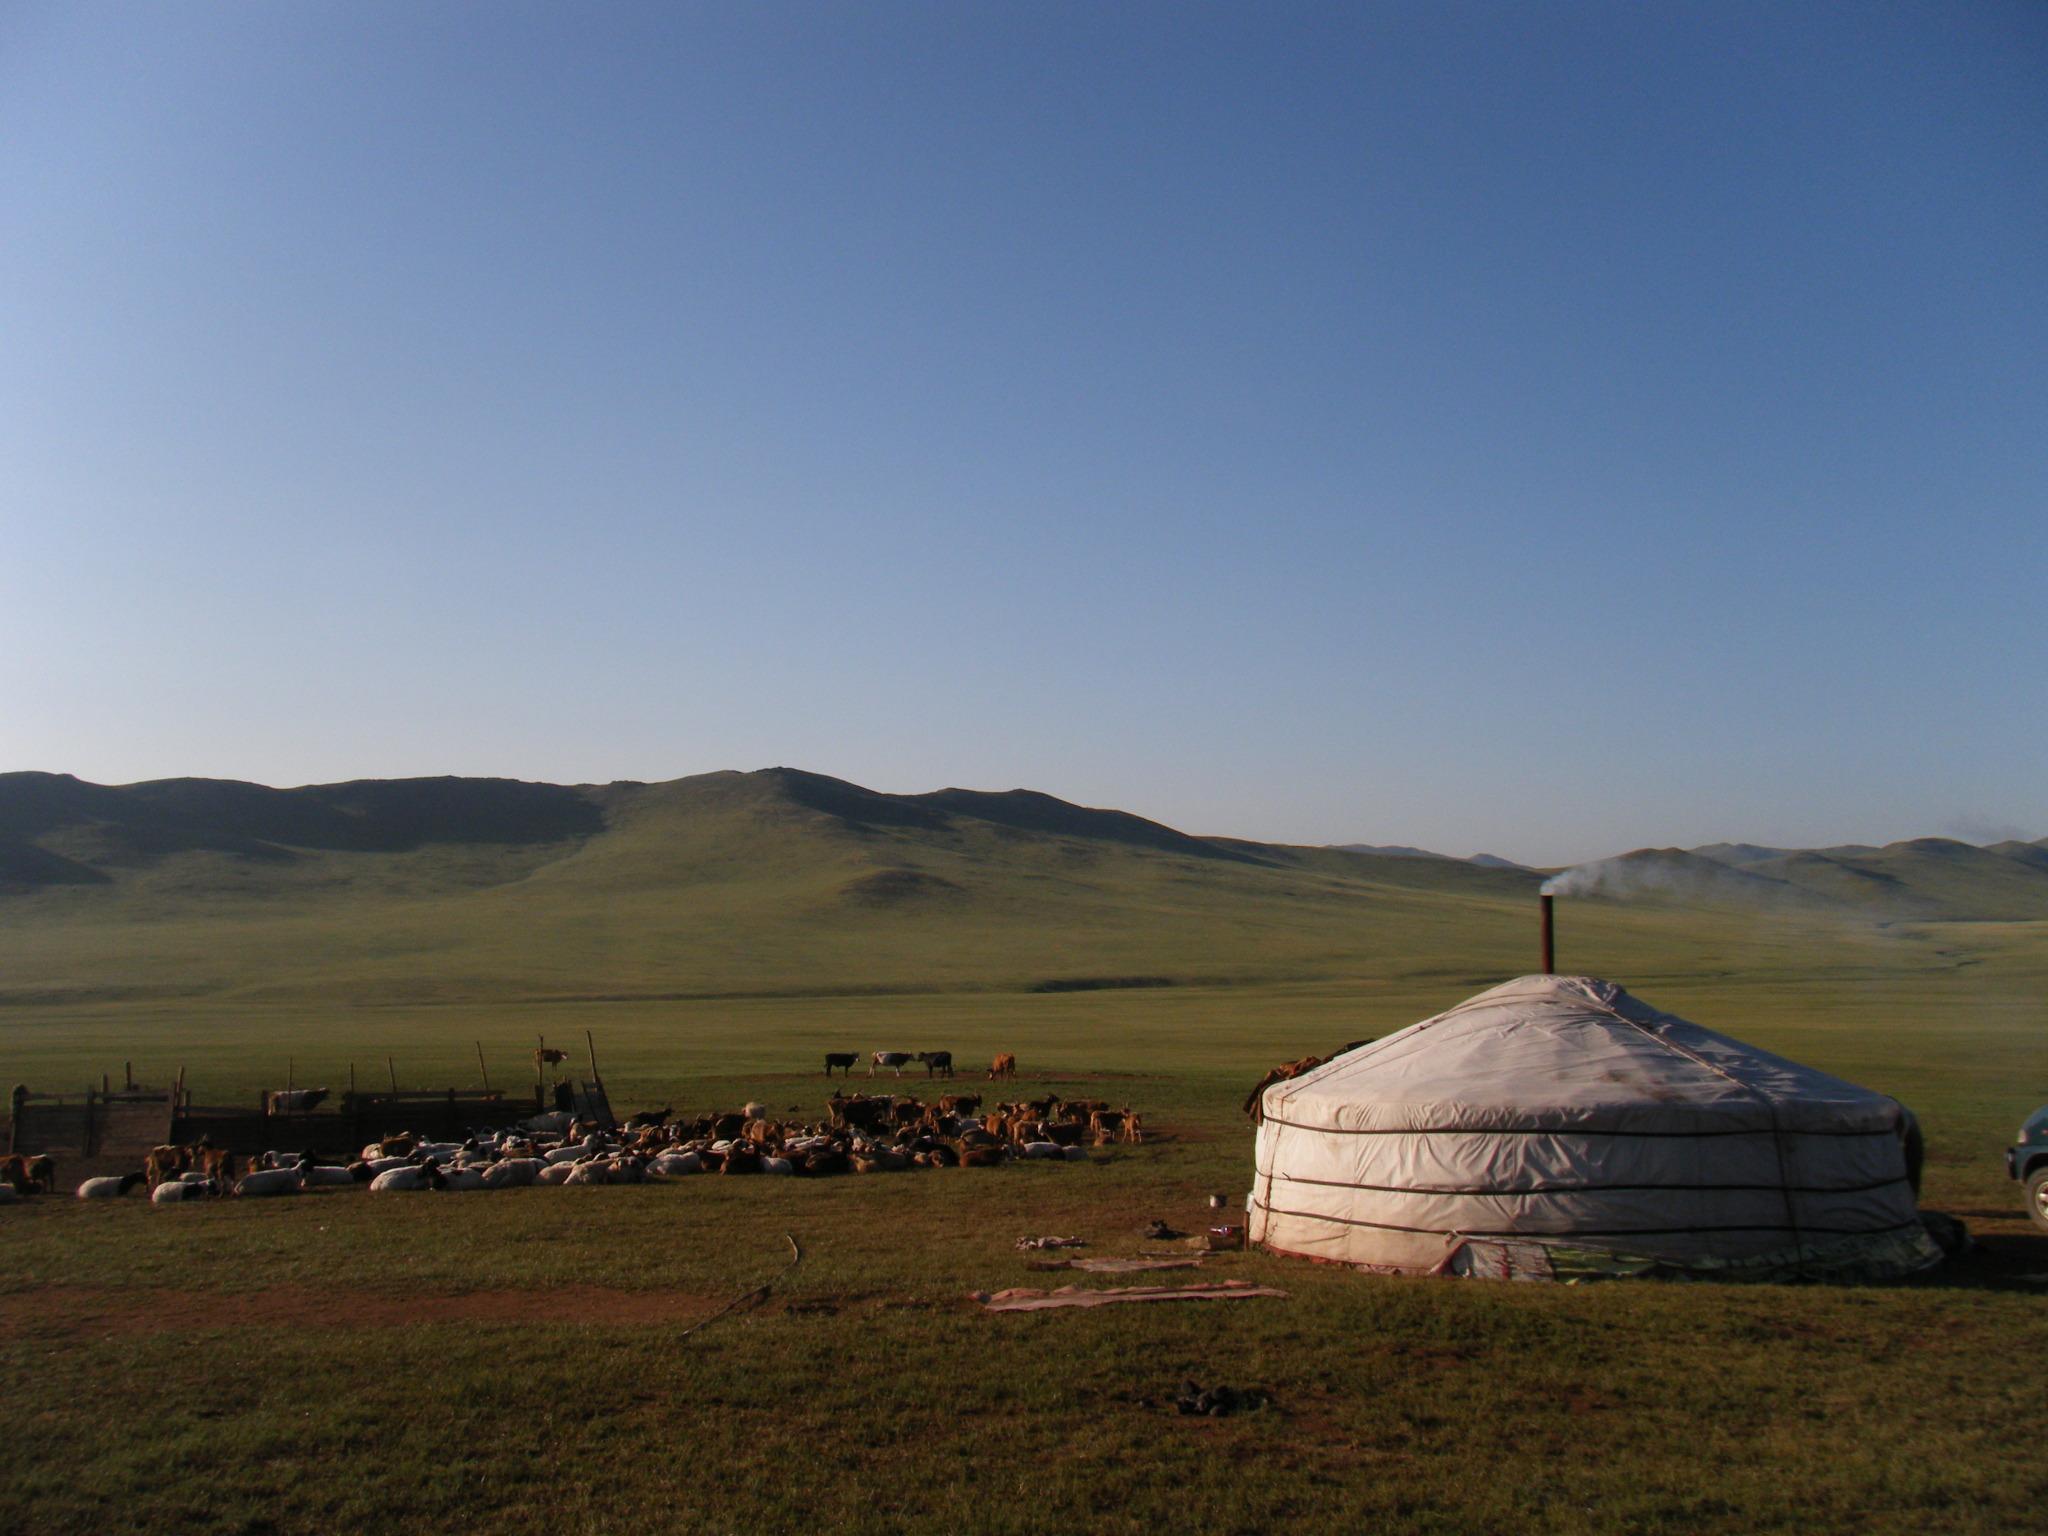 モンゴルではゲルの宿泊で遊牧体験!構造やトイレ・風呂などの施設も紹介!